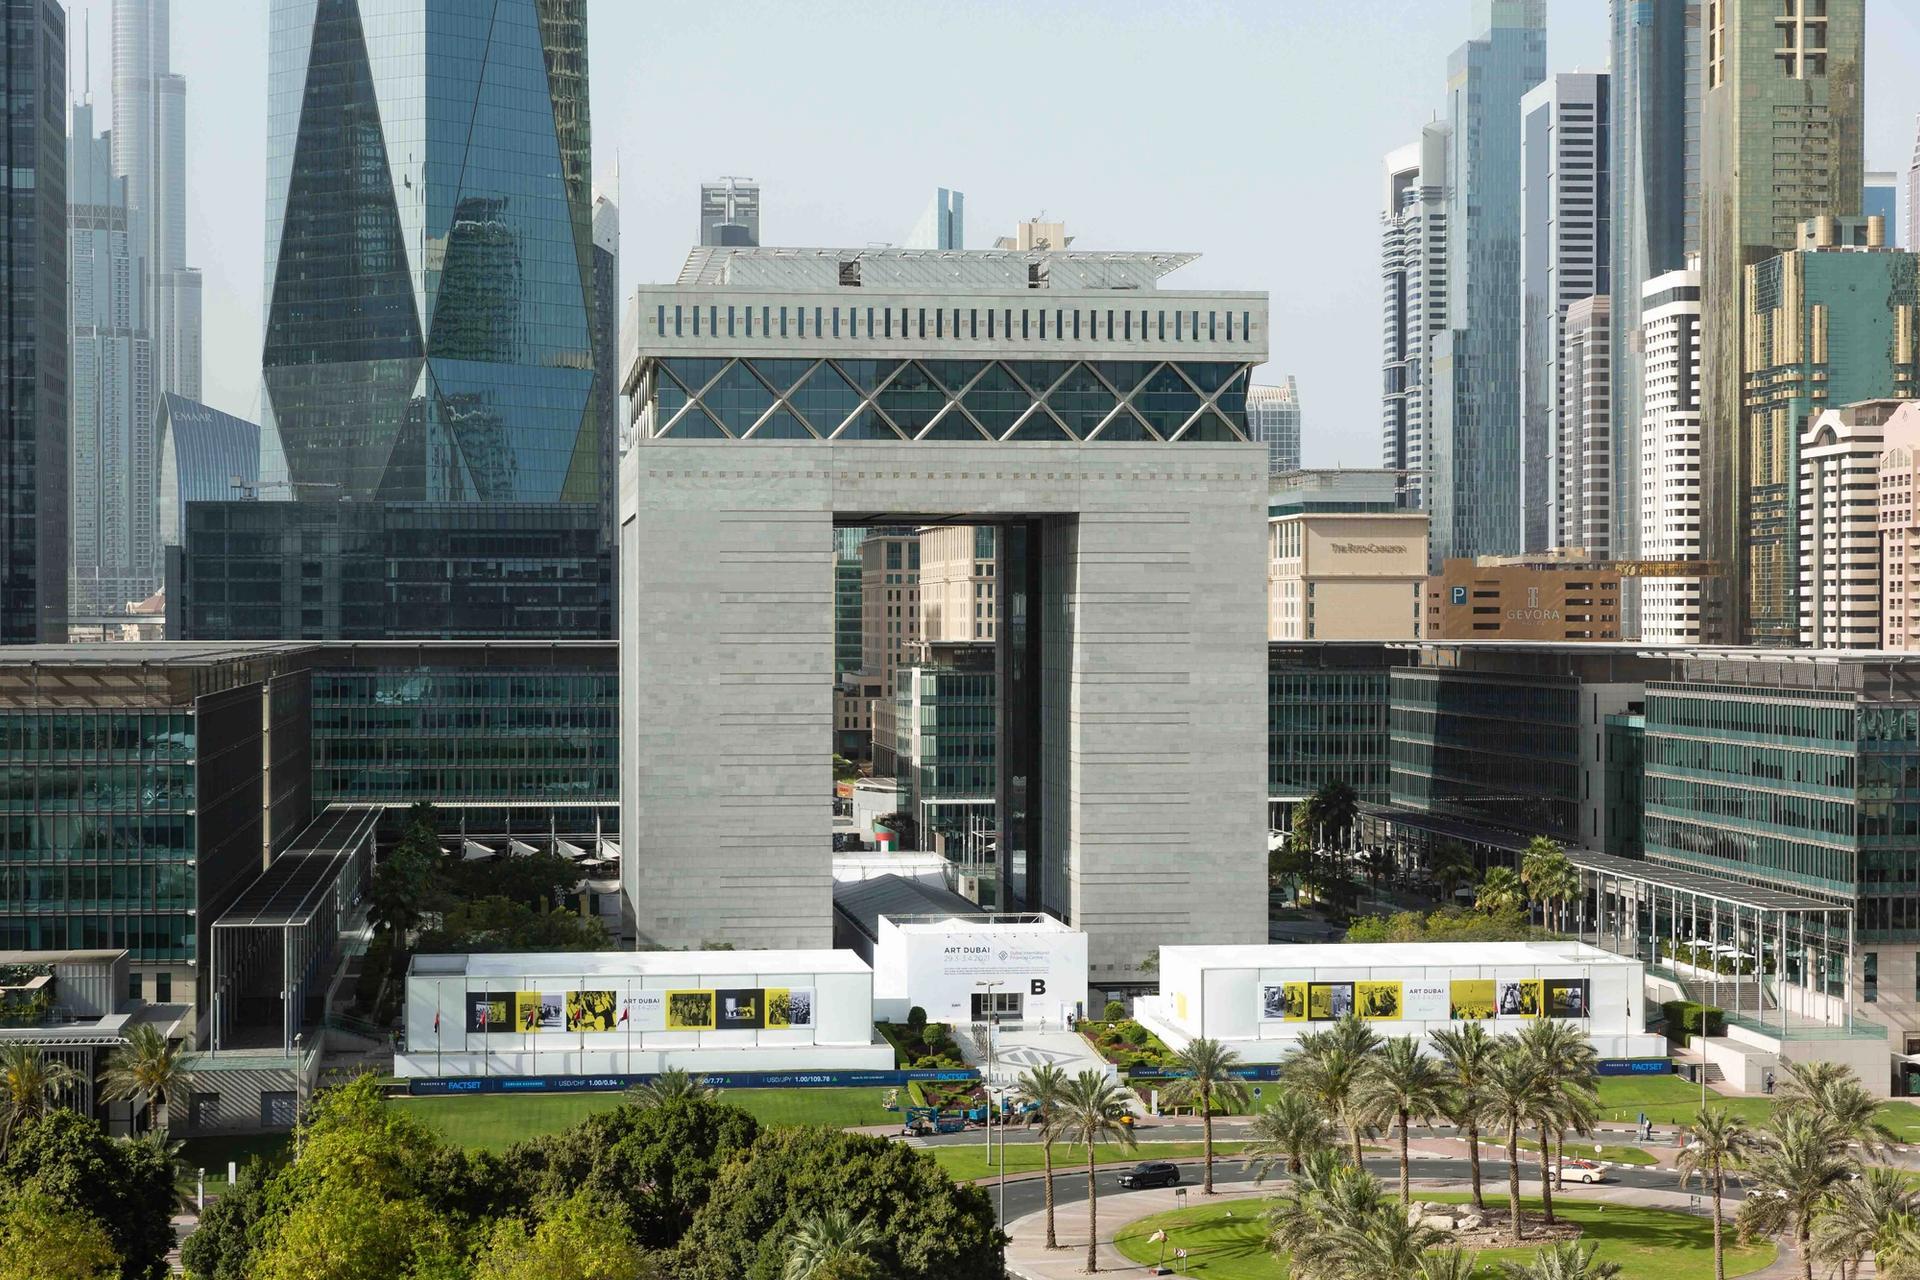 Art Dubai's new venue in the city's financial district, DIFC Courtesy of Art Dubai